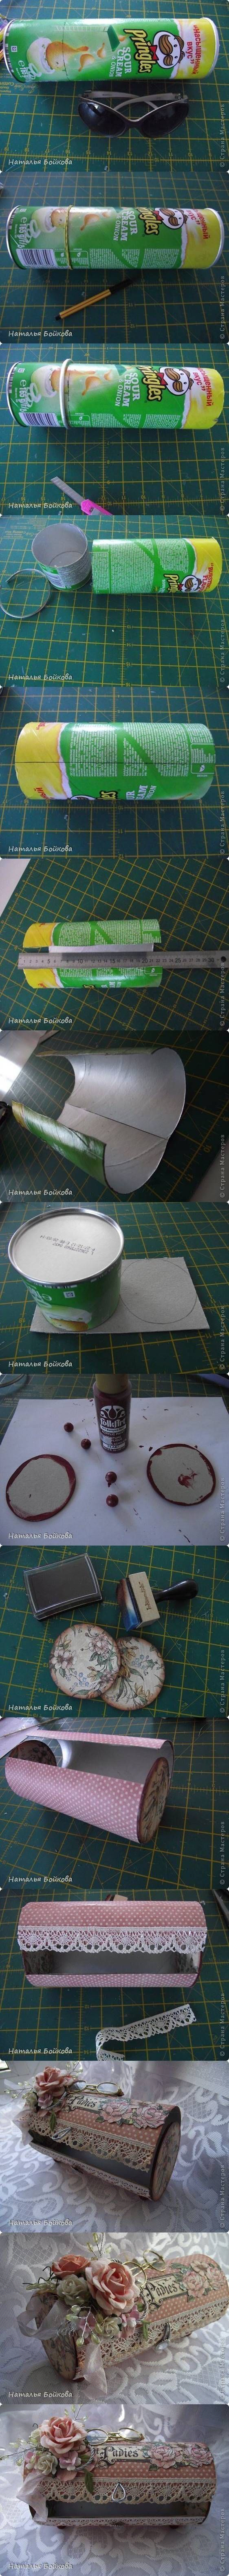 DIY Pretty Vintage Box from Pringles Can #craft #recycle: UNA CAJITA VINTAGE: